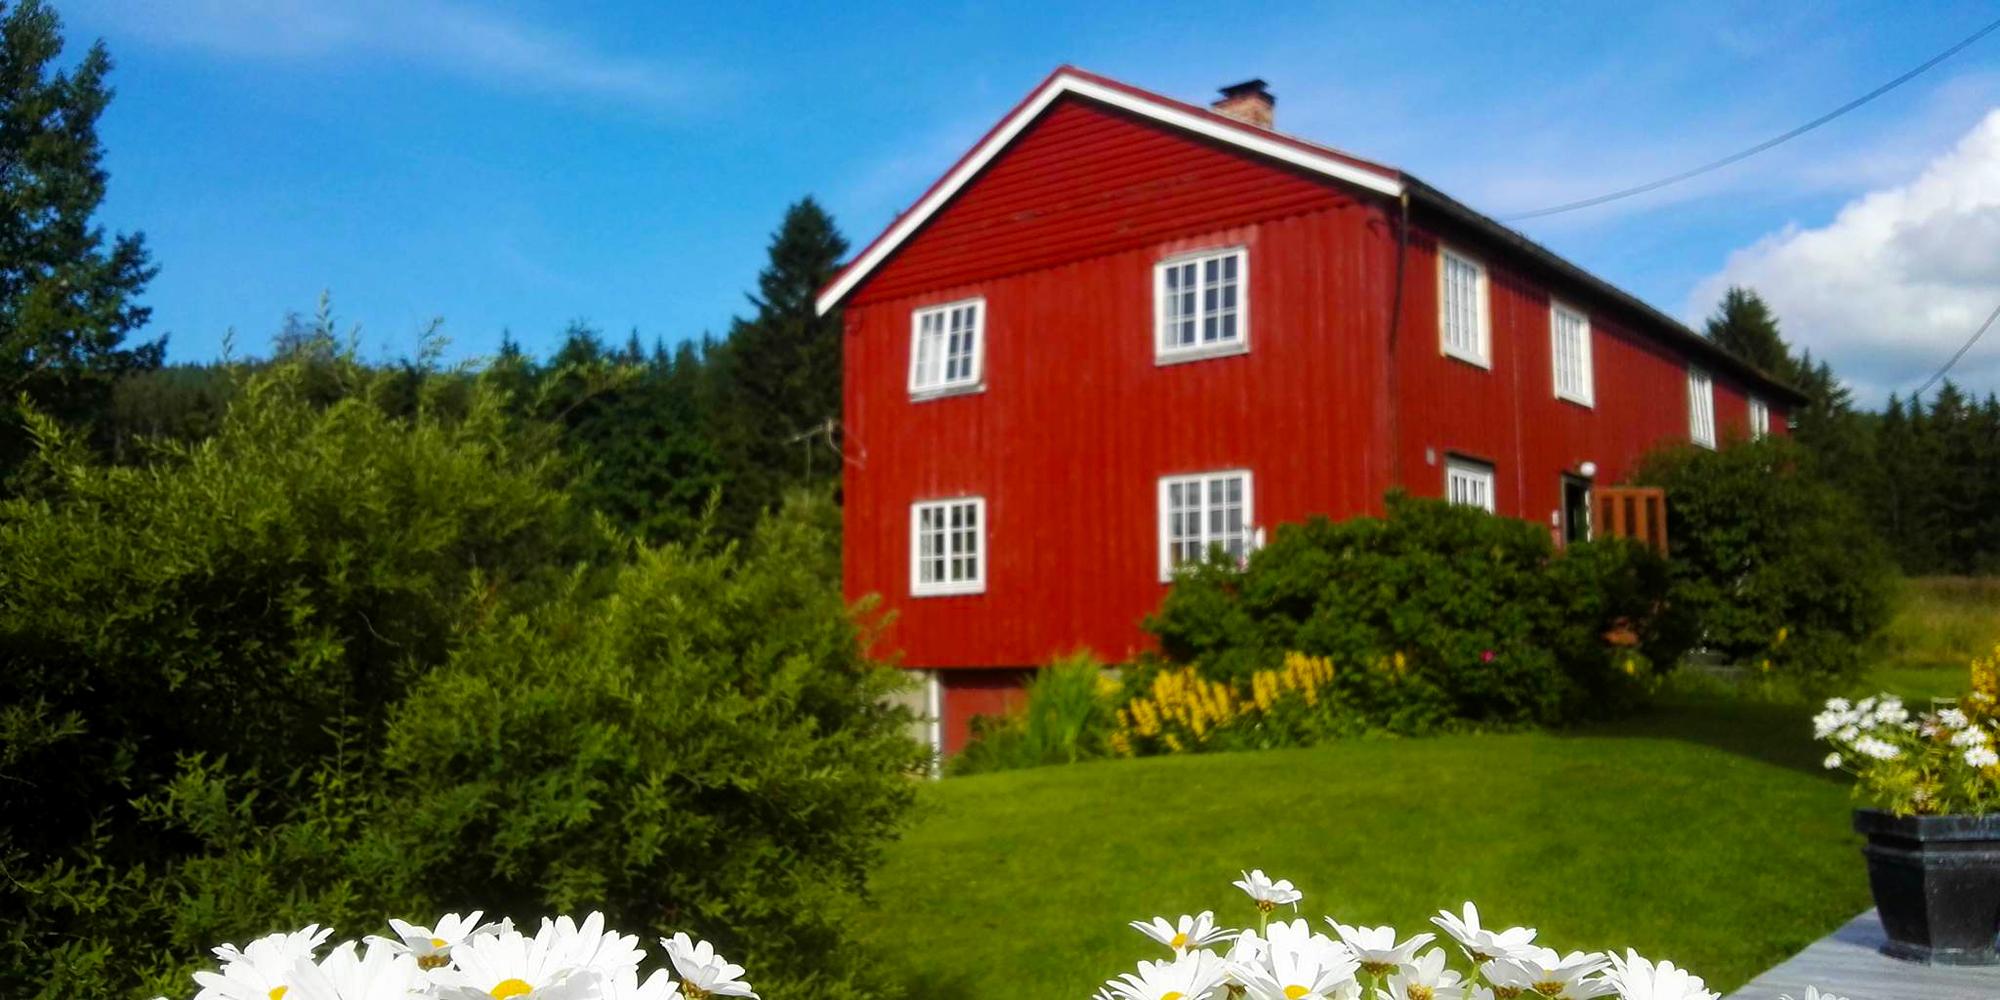 Troset i Levanger Kommune: Kårbiligen. Copyright: Heidi Troset